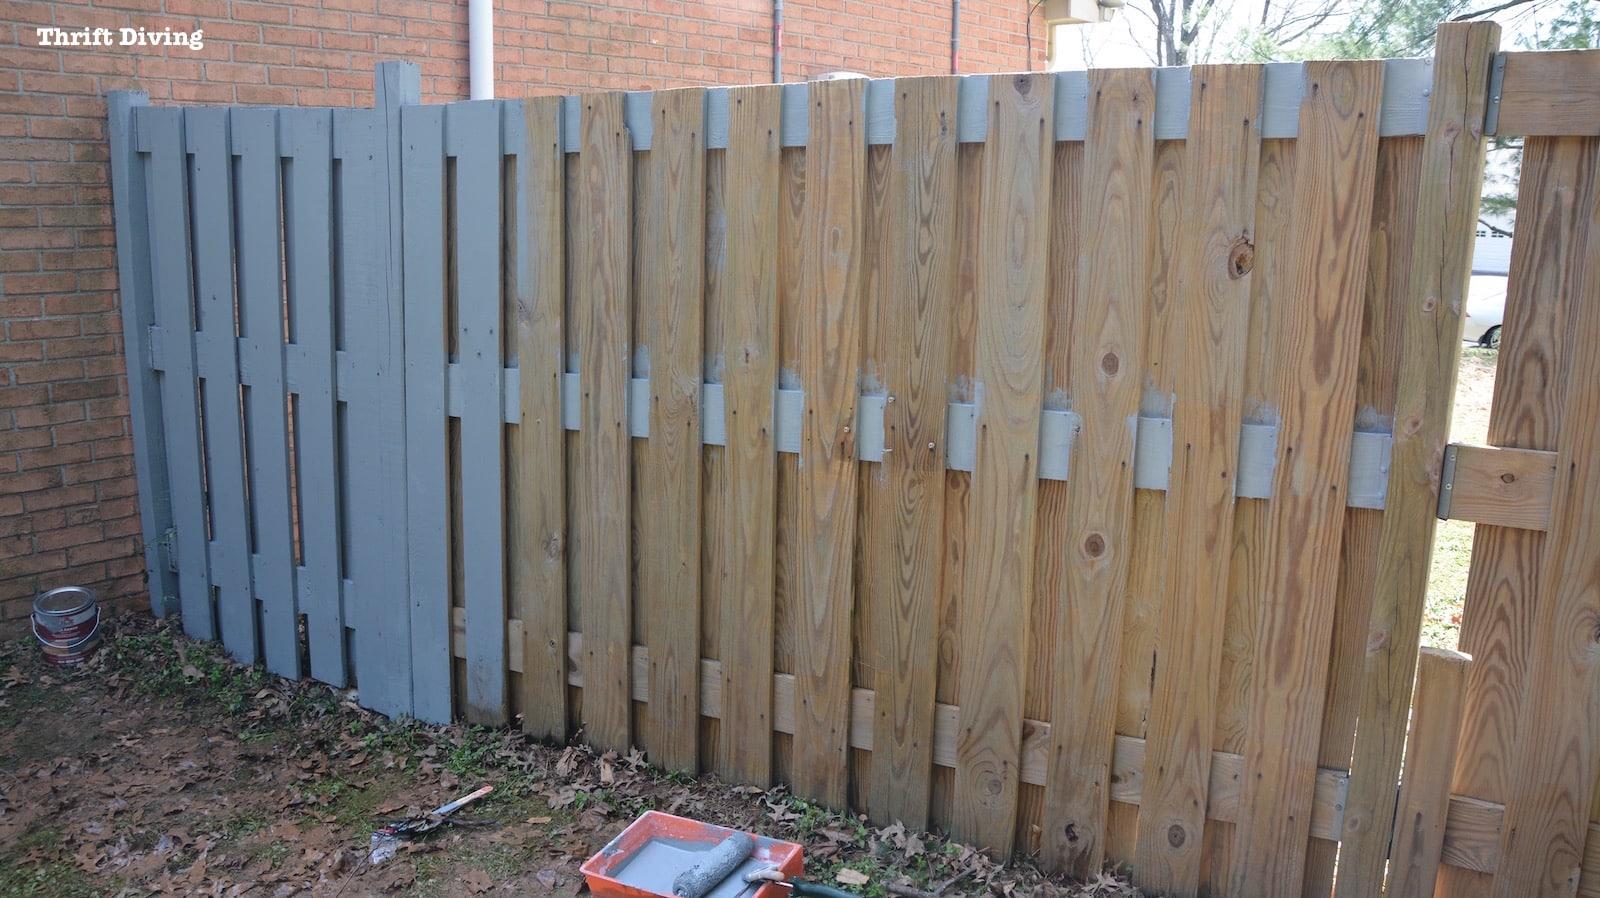 Fullsize Of Fence Hanging Garden